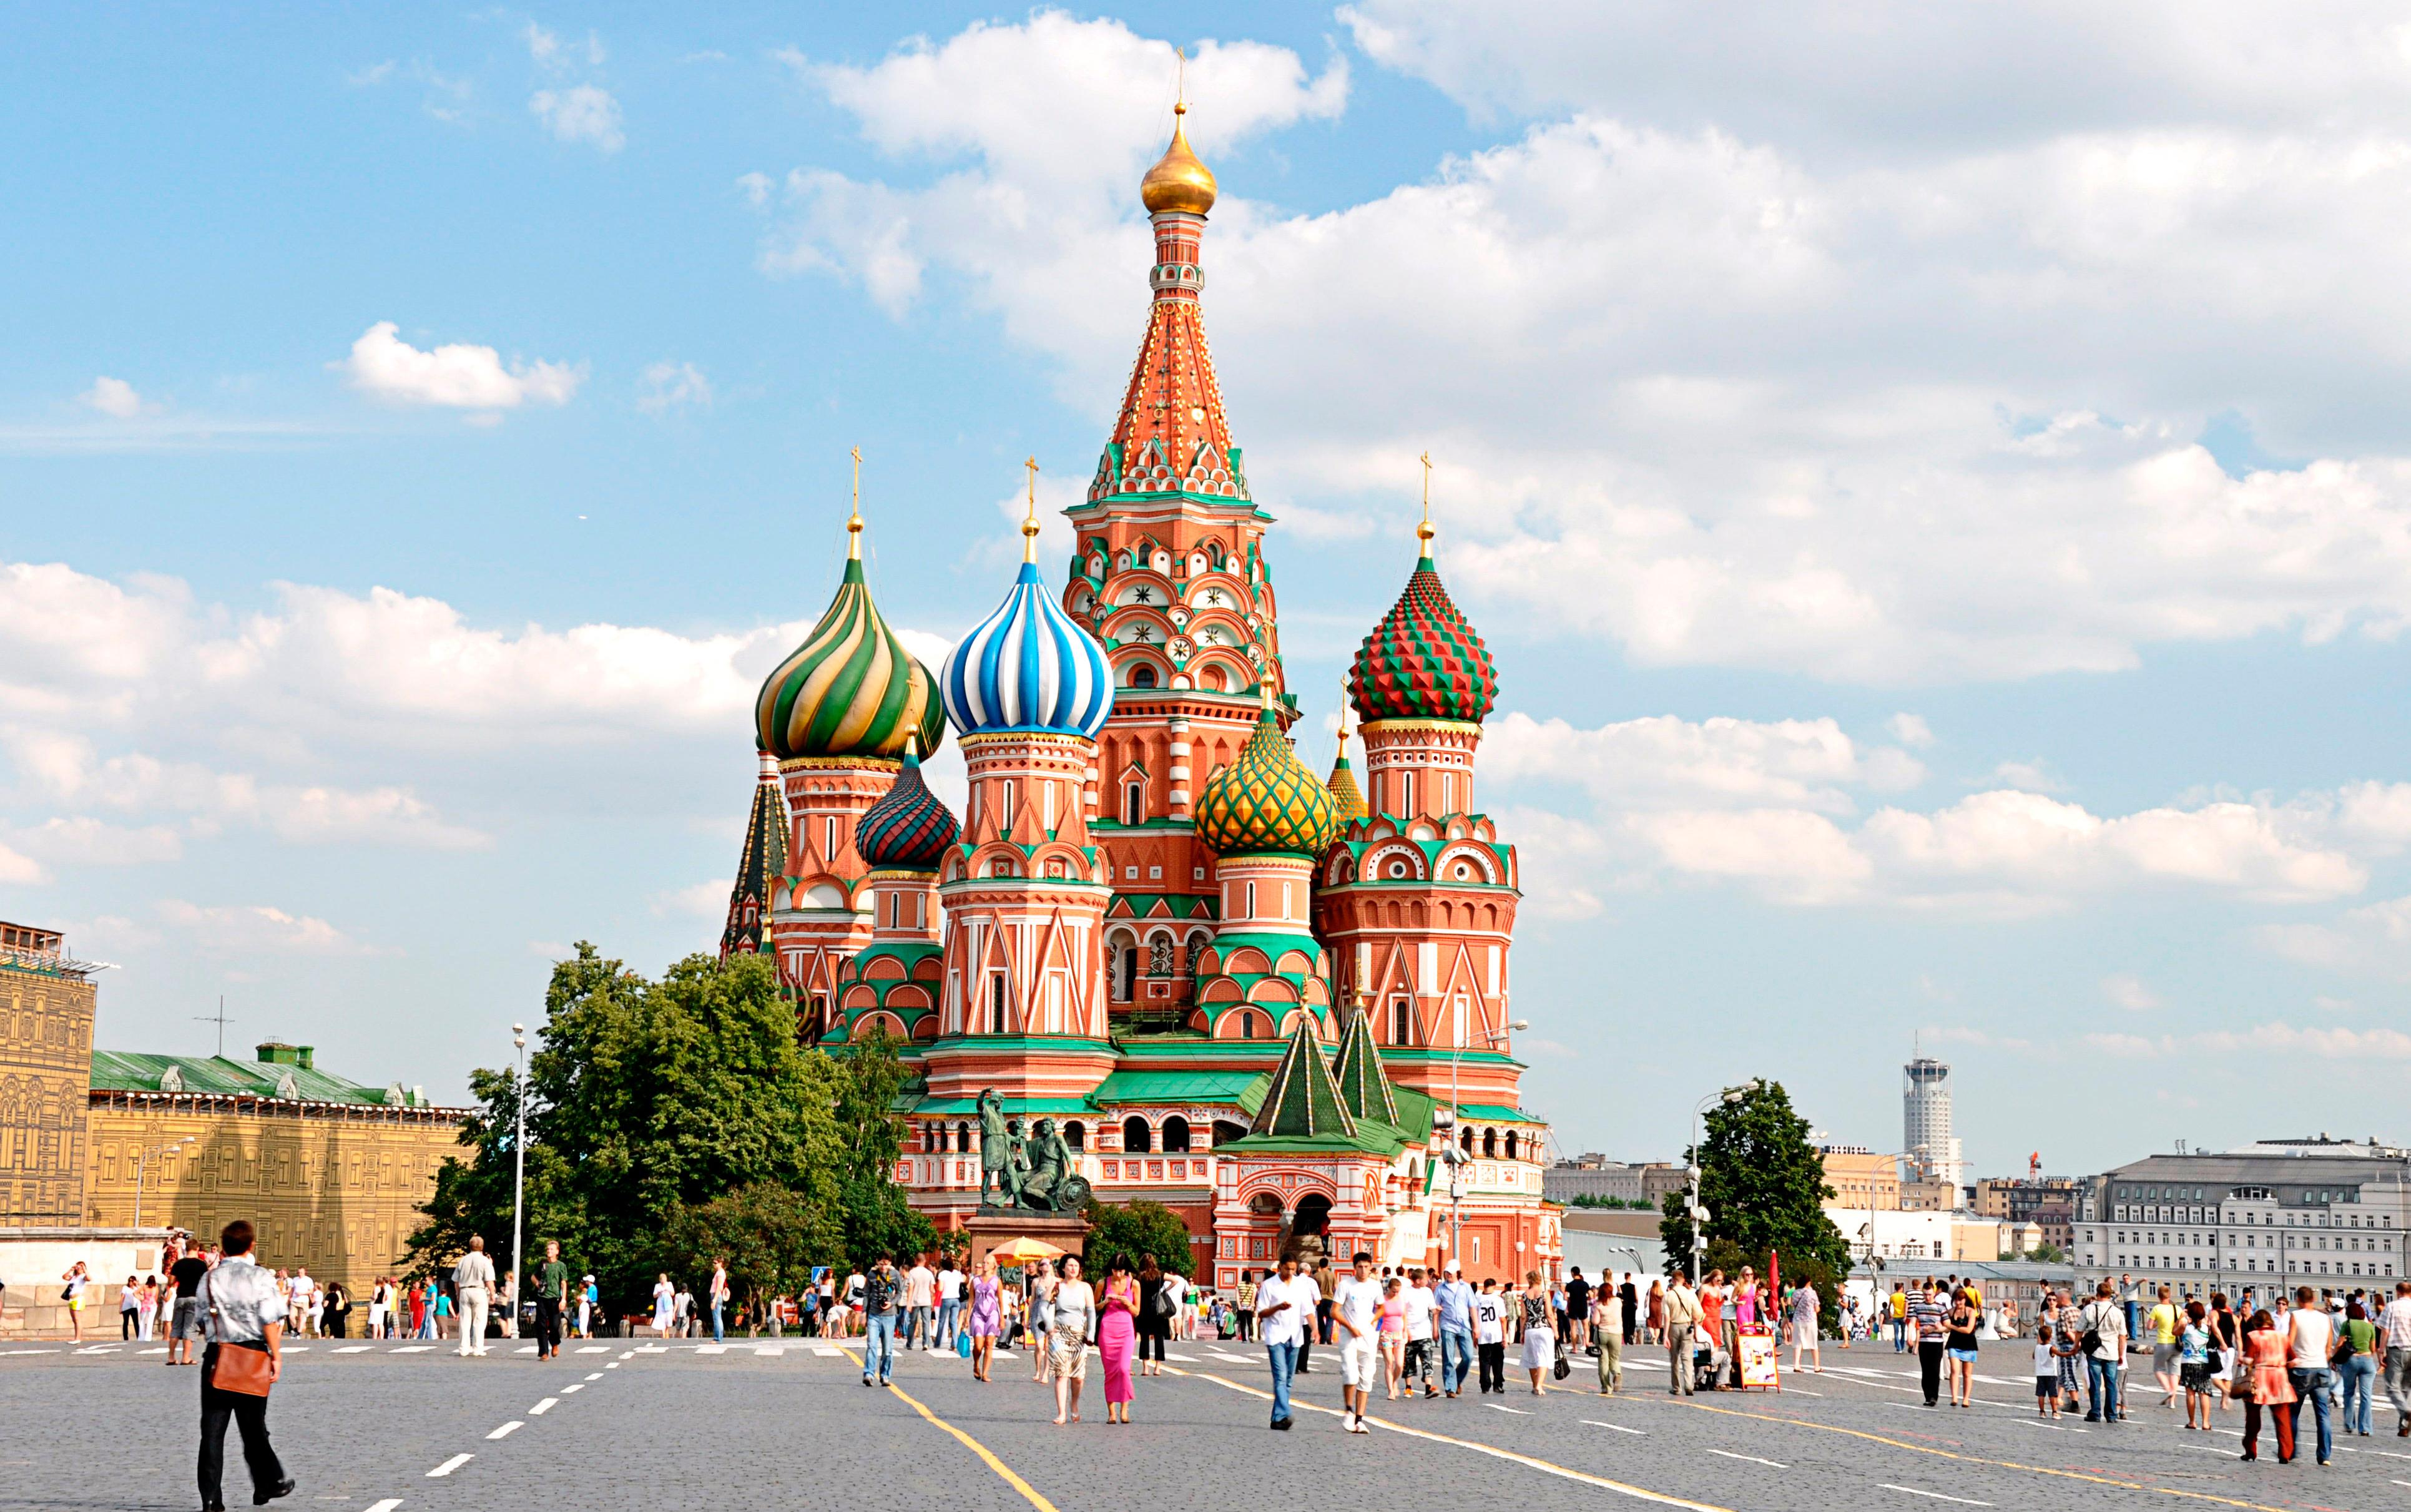 Храм Василия Блаженного: одна из главных религиозных достопримечательностей столицы